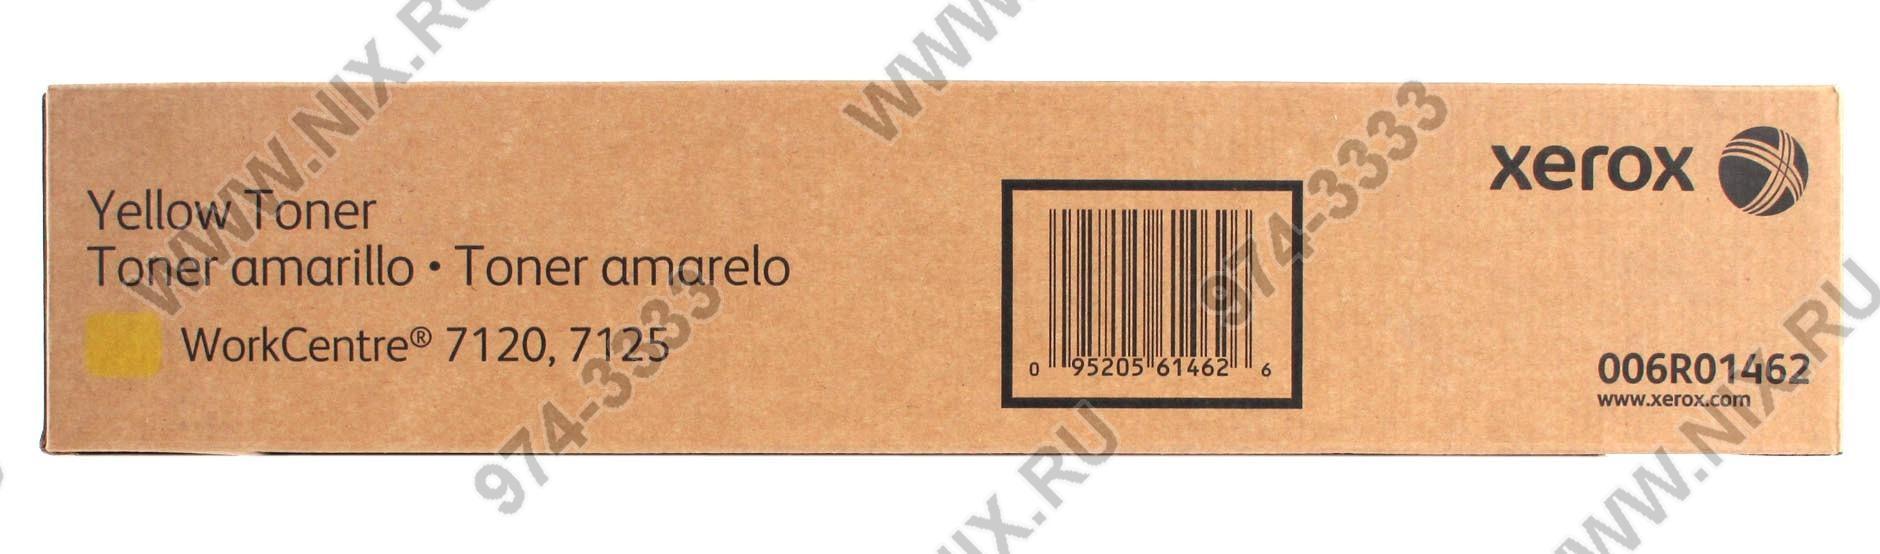 Тонер-картридж xerox wc7120 yellow (006r01462)